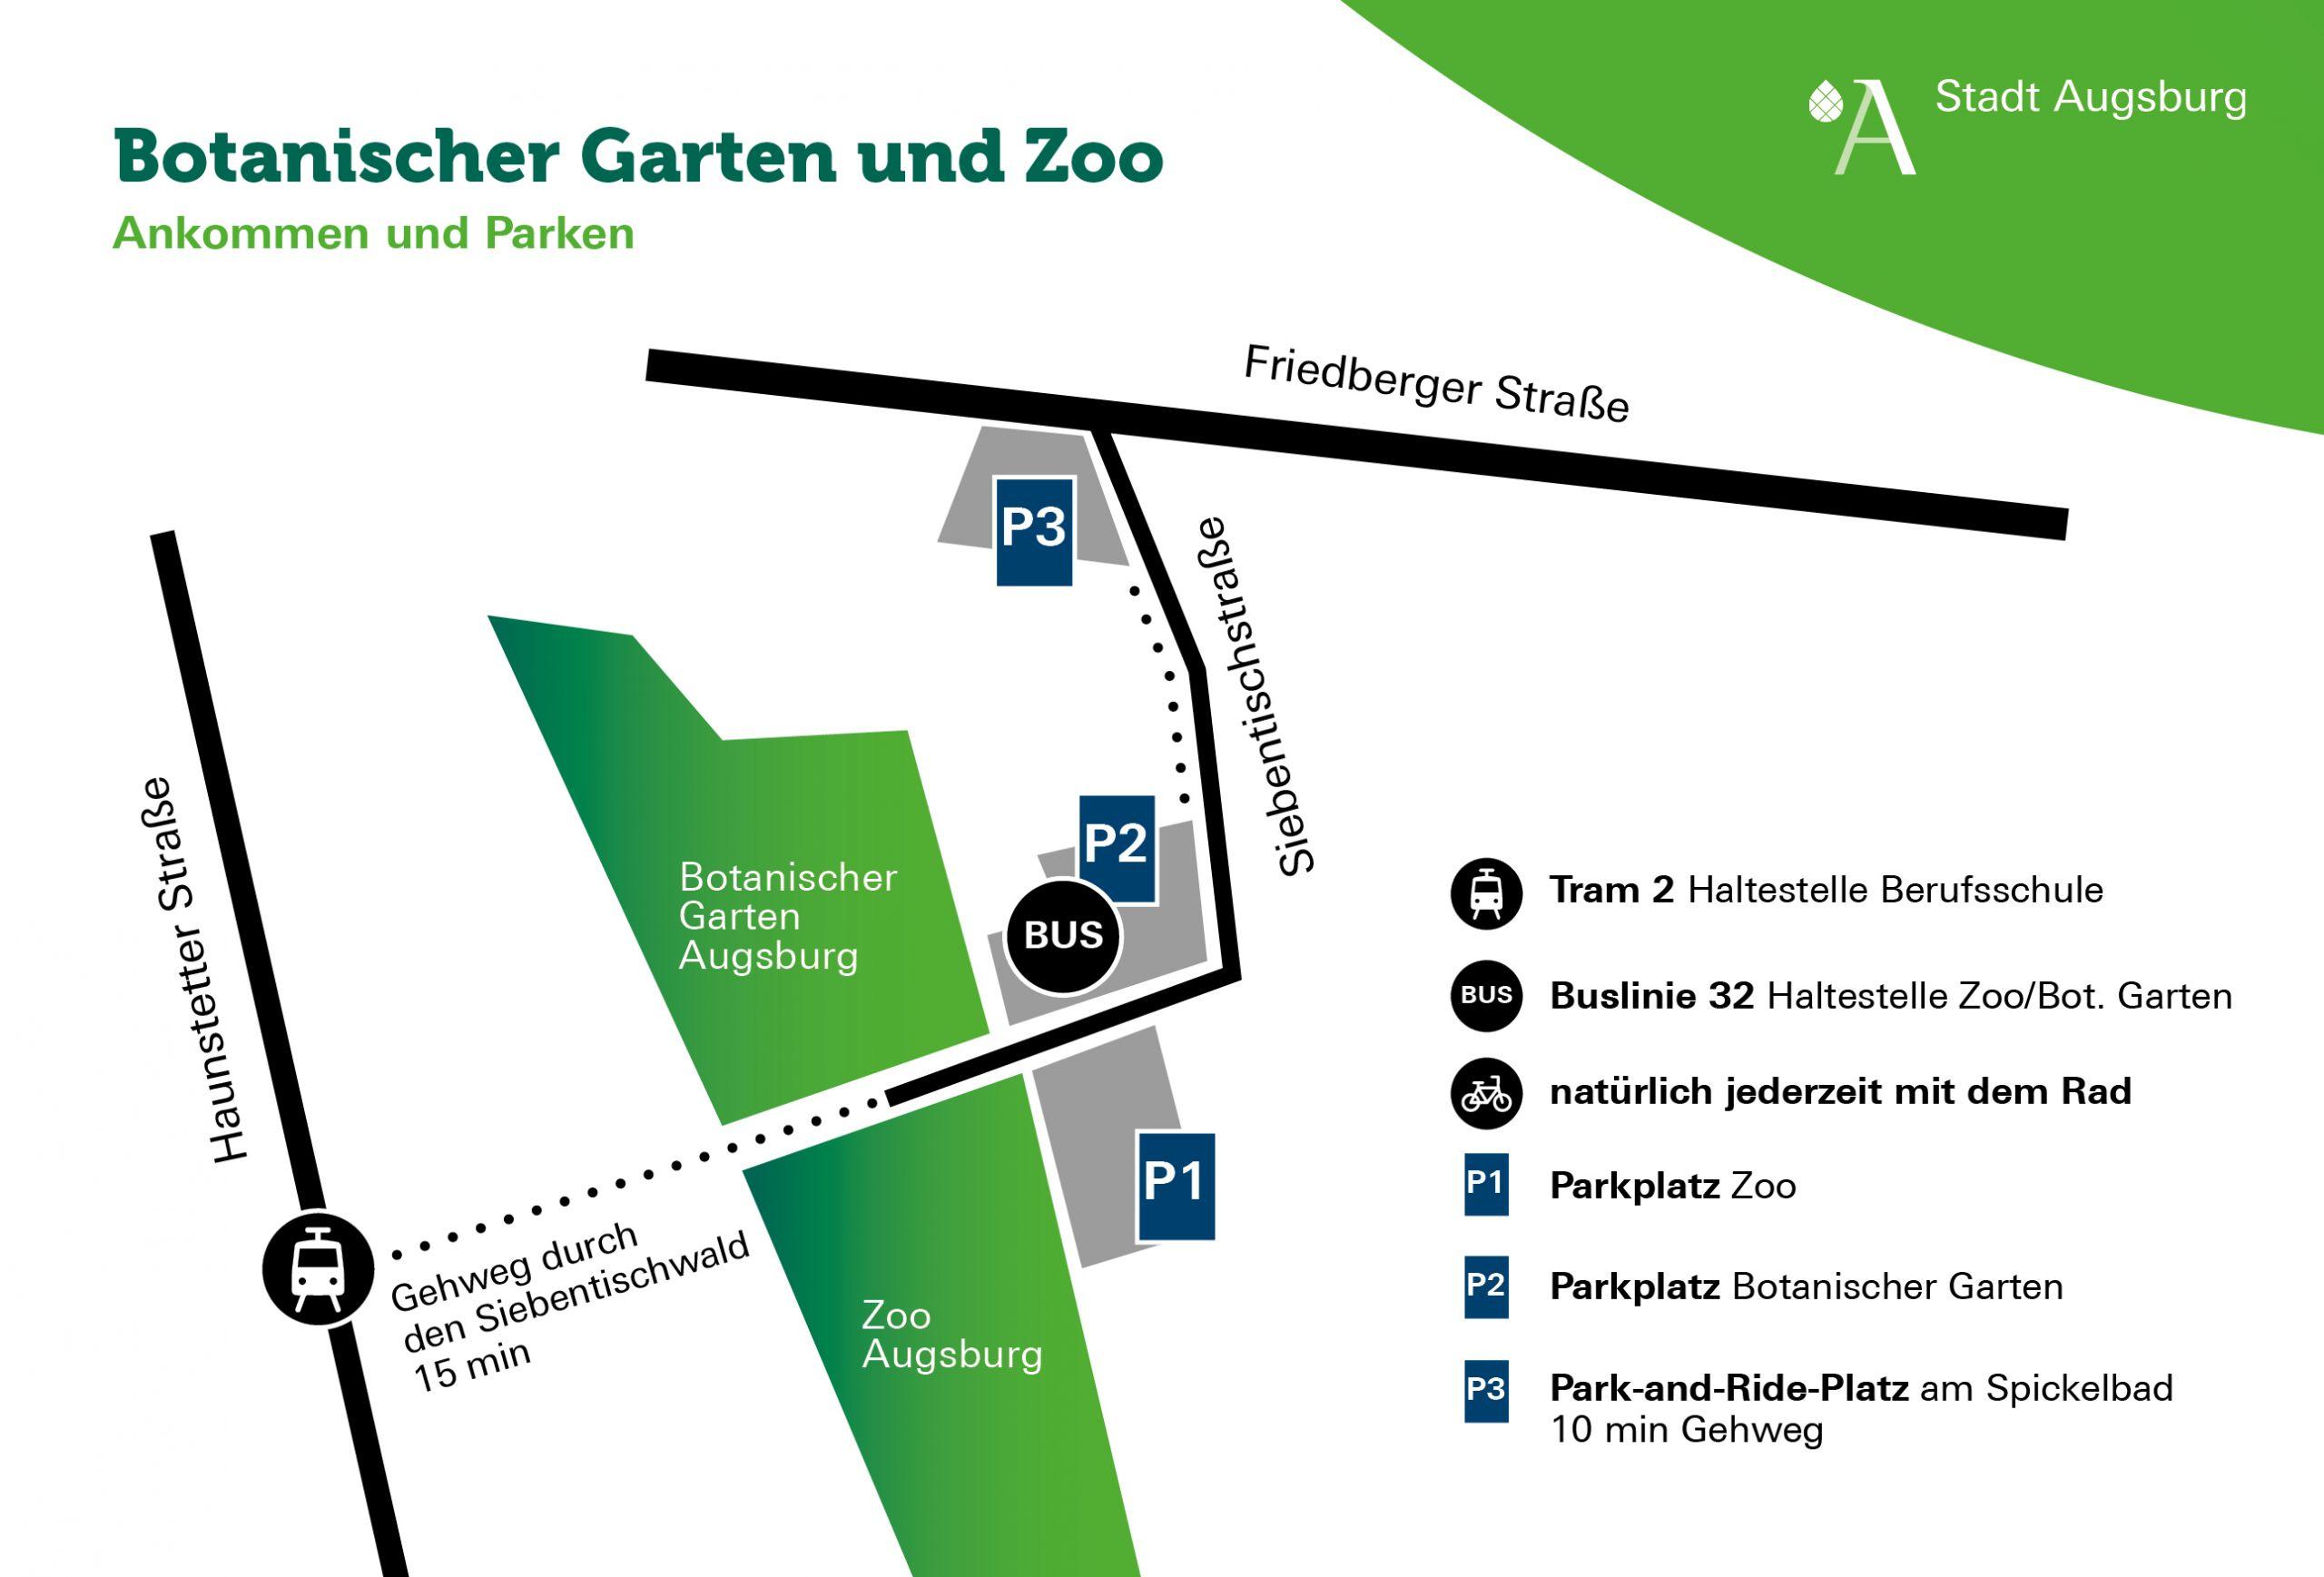 Botanischer Garten Augsburg Programm Einzigartig Detail Stadt Augsburg